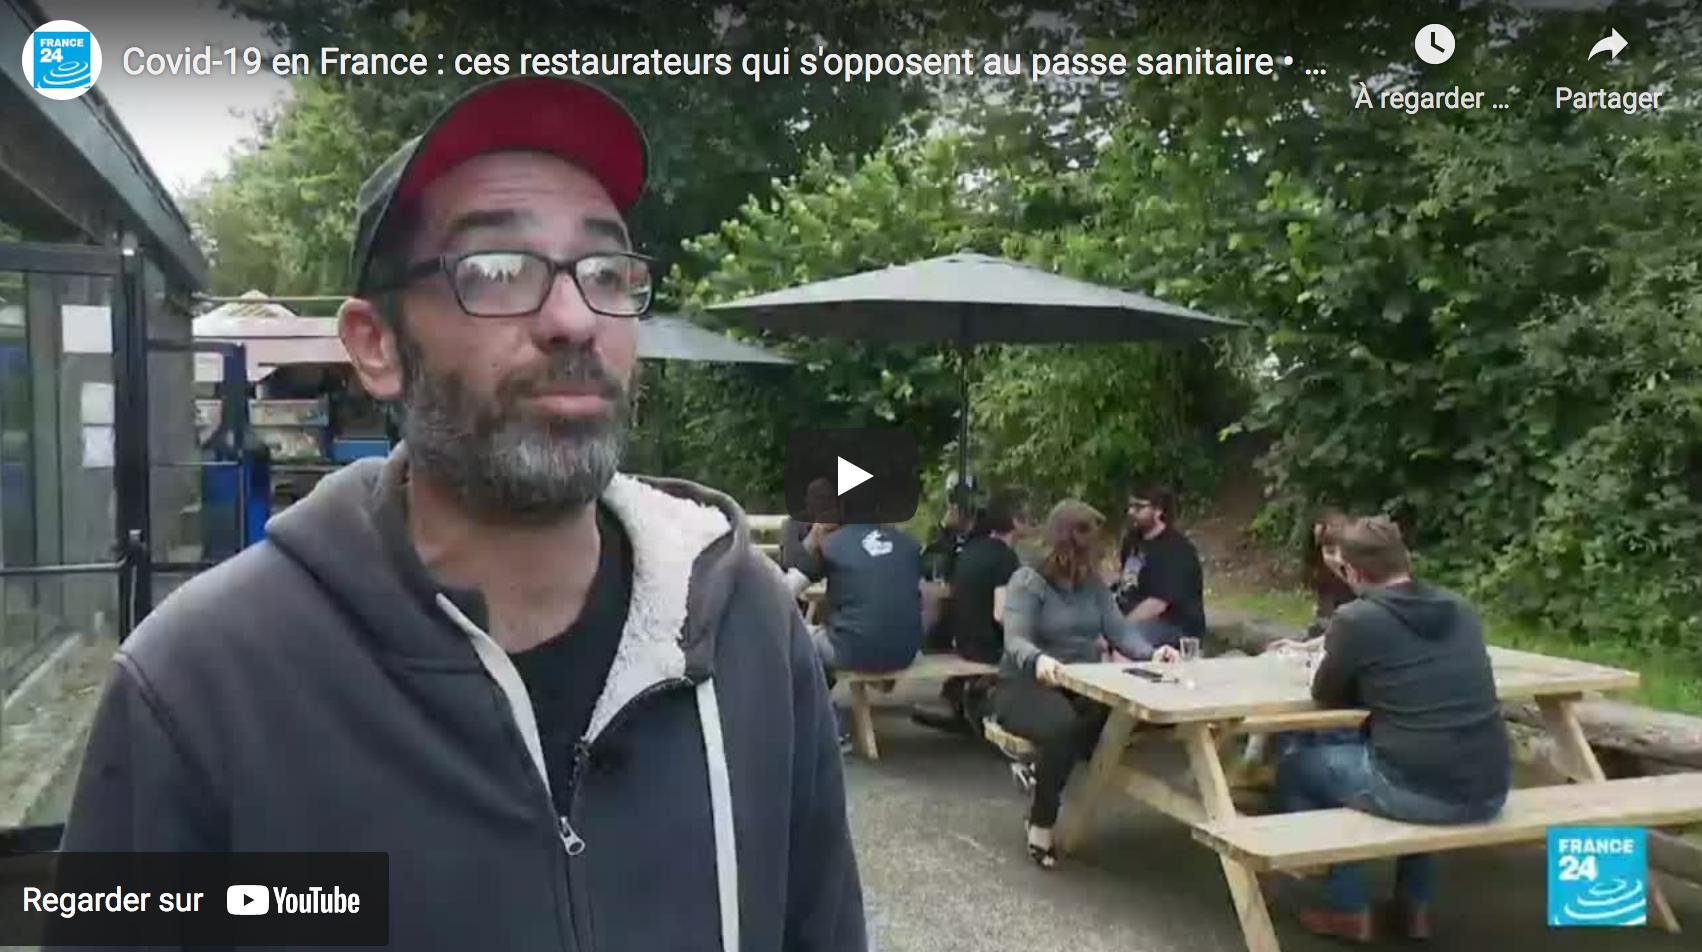 Covid-19 en France : ces restaurateurs qui s'opposent au passe sanitaire (RENCONTRE)